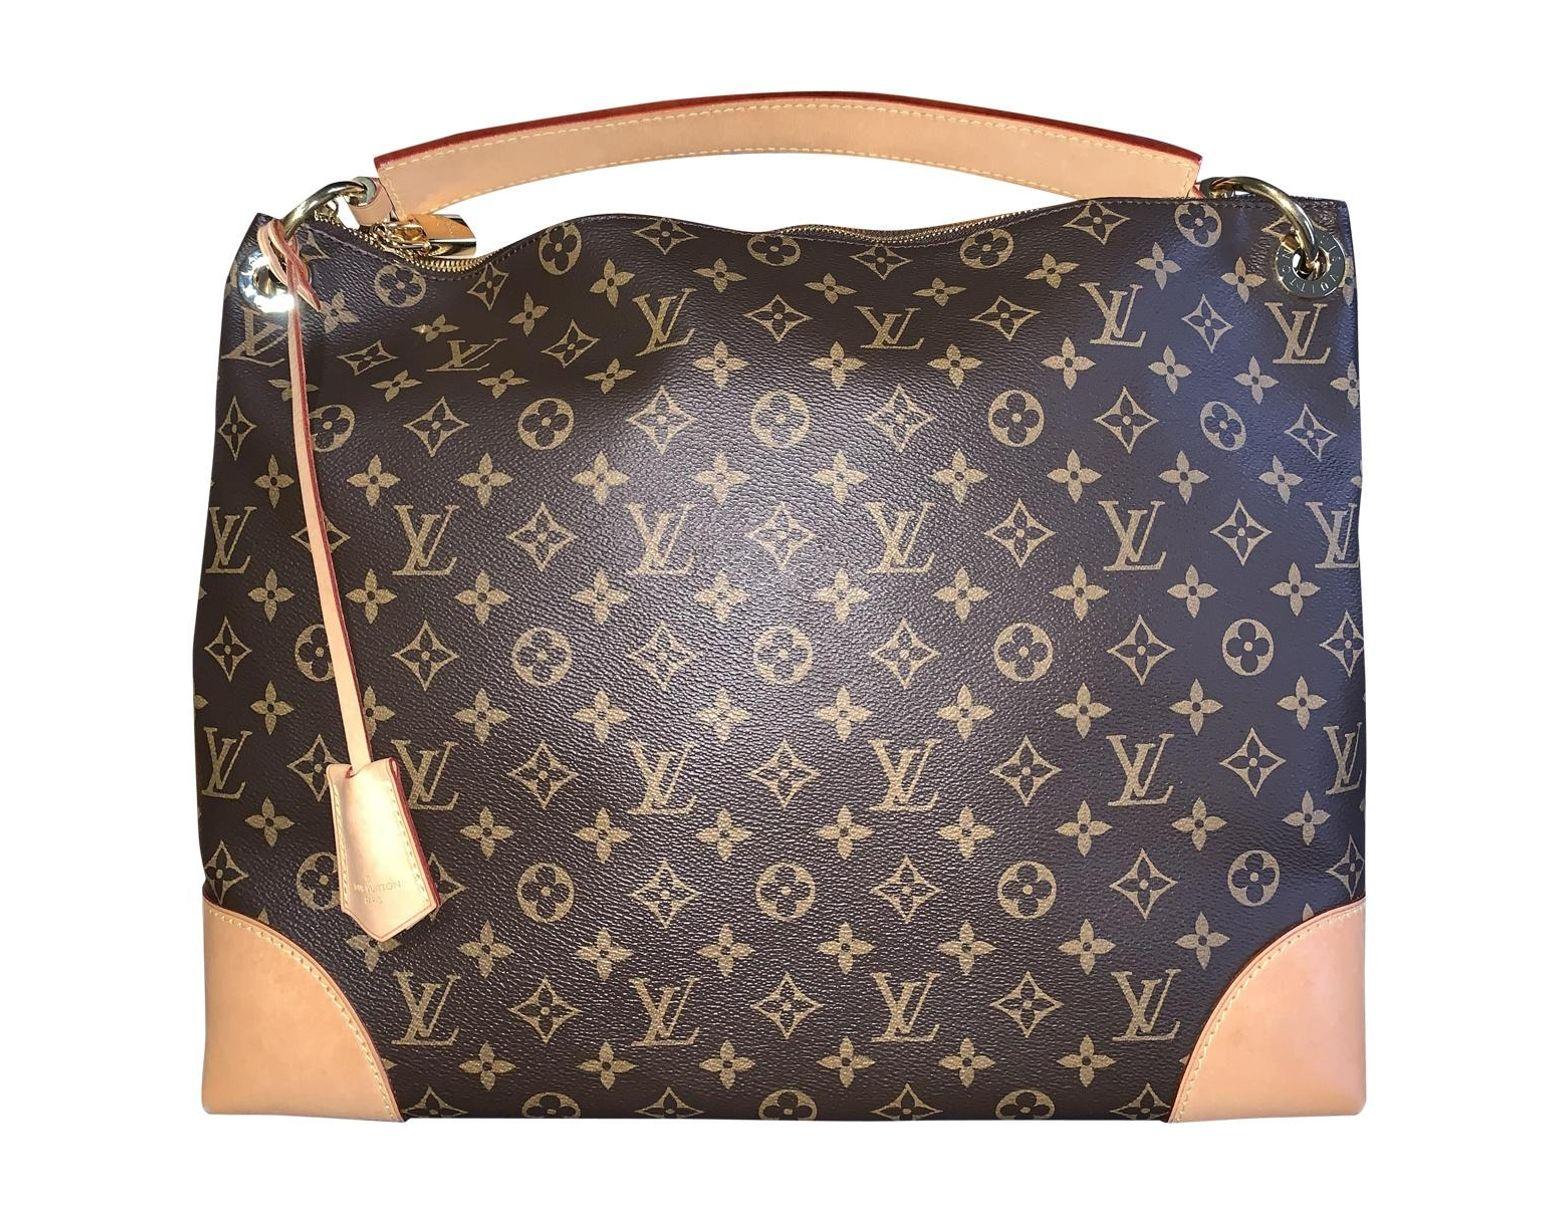 af686feb87 Sac à main Berri en toile Louis Vuitton en coloris Marron - Lyst